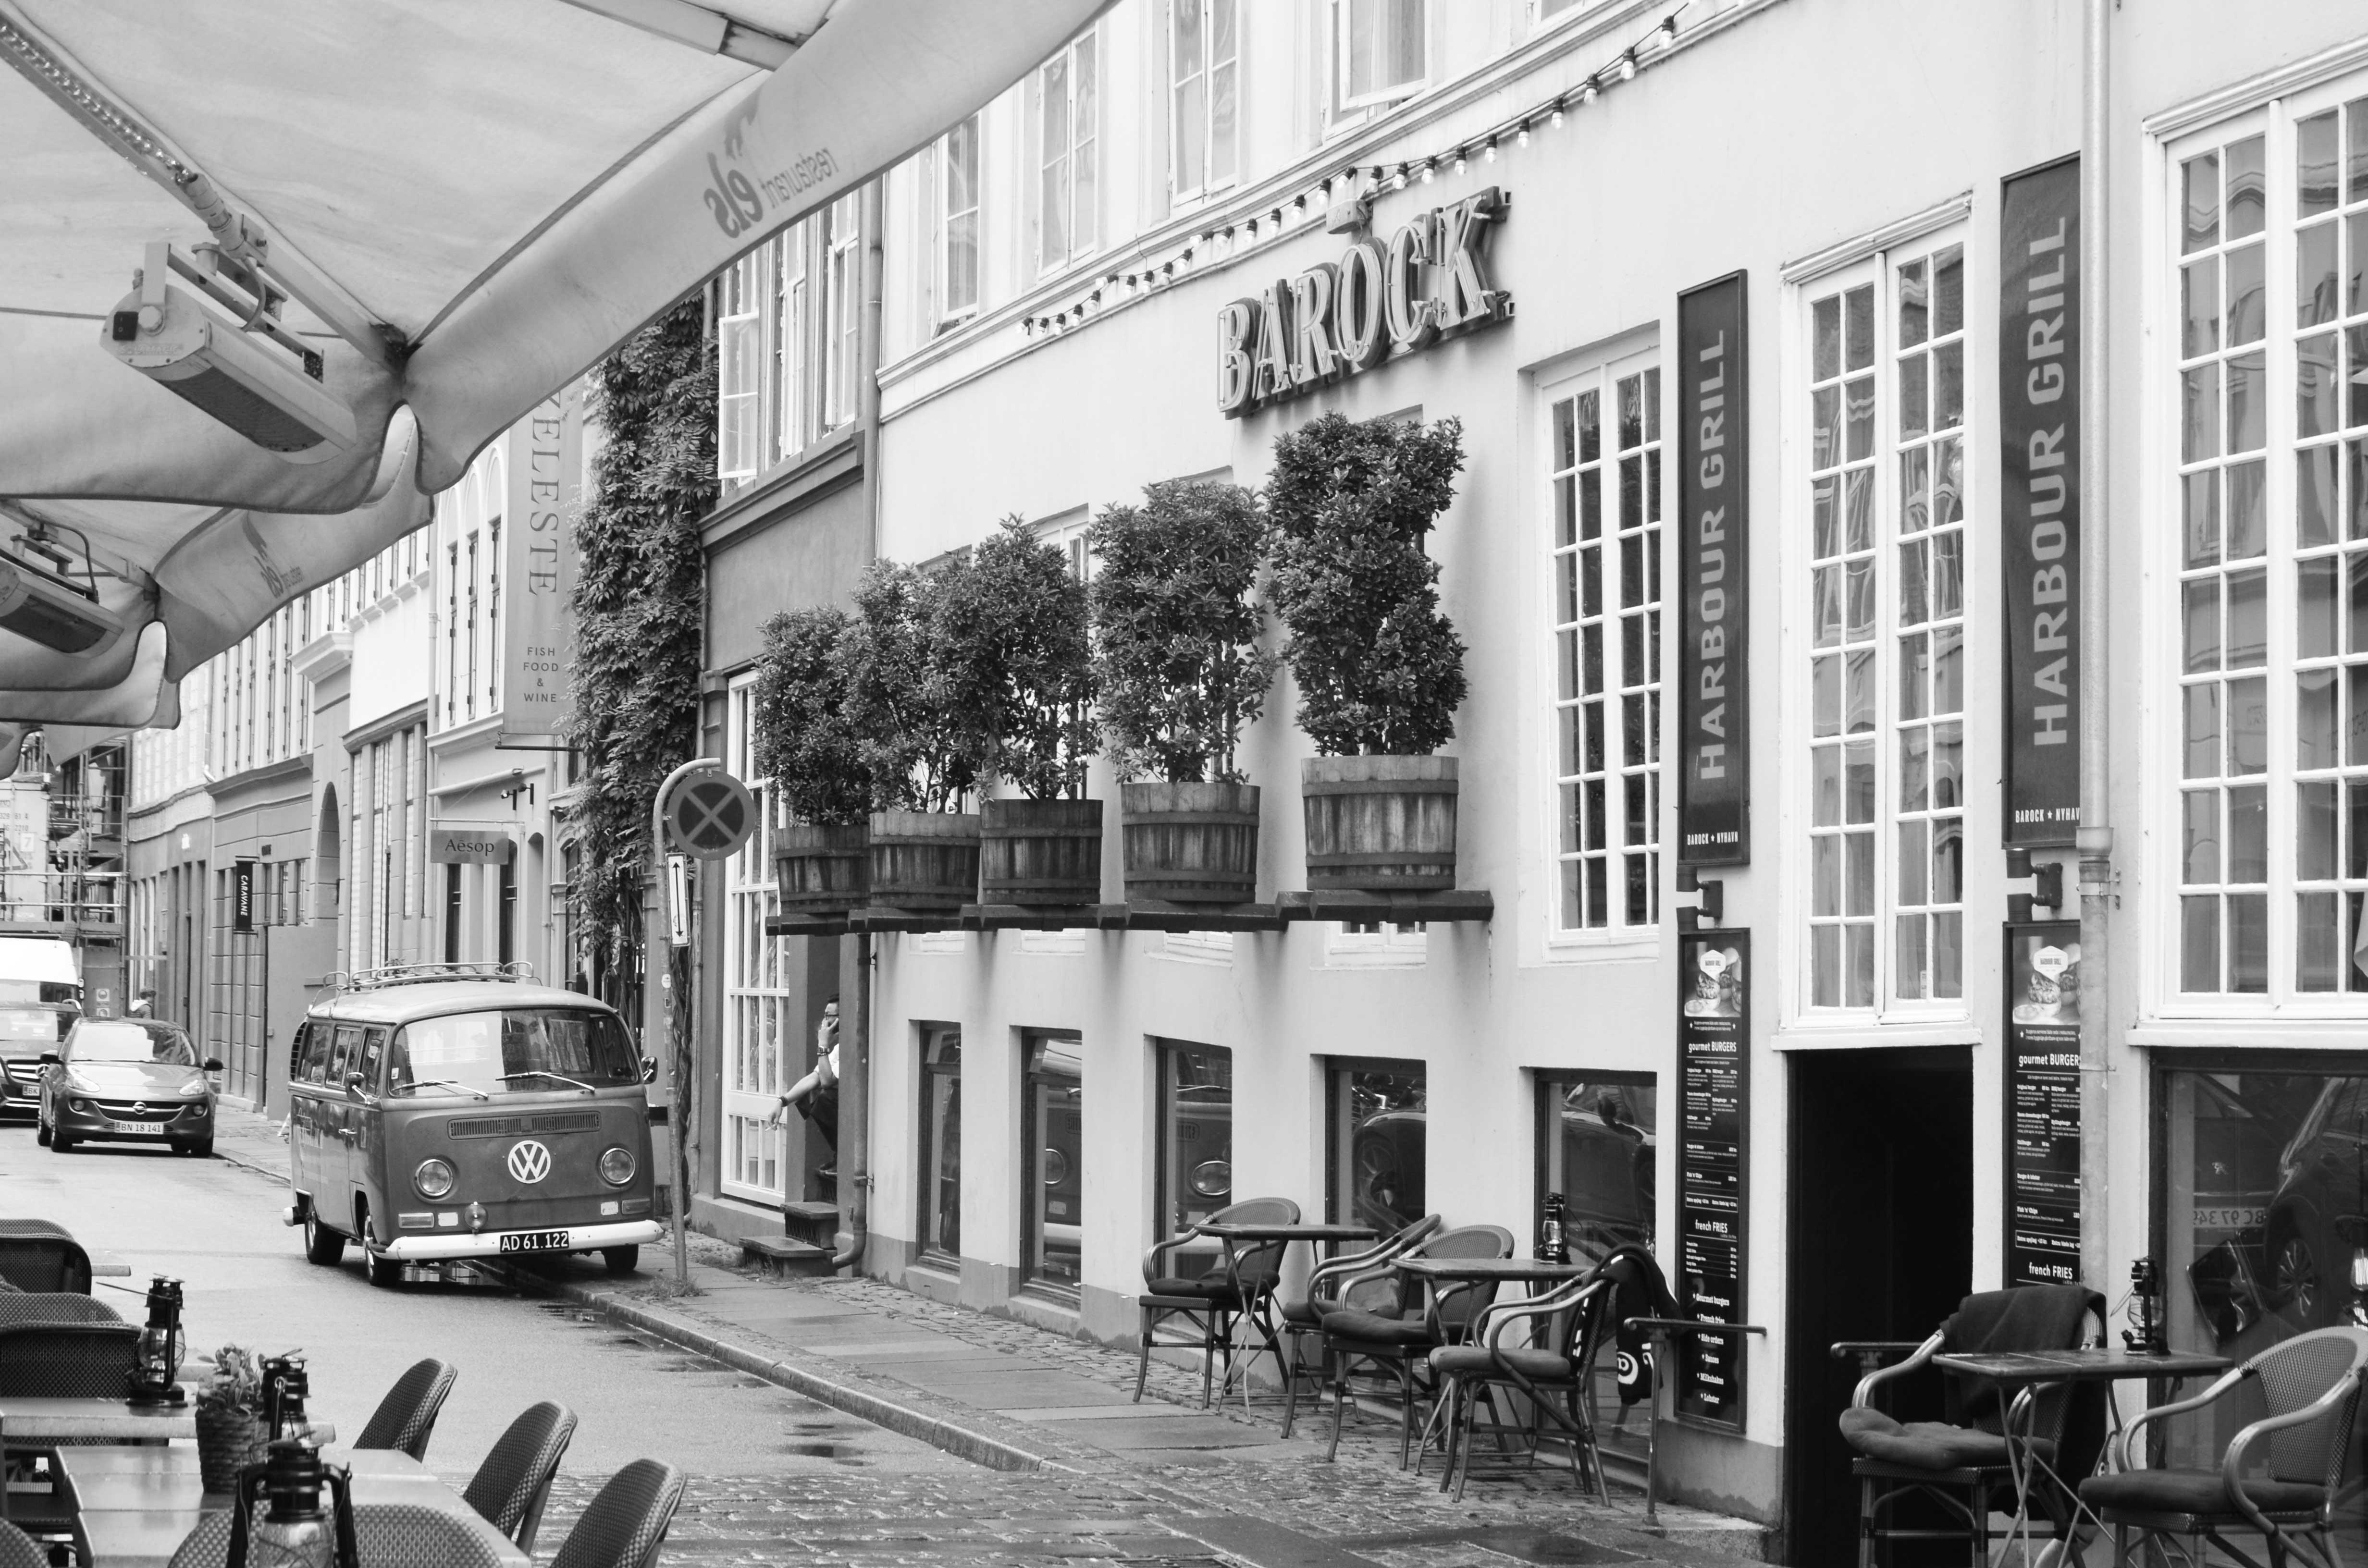 Straßencafé in Nyhavn